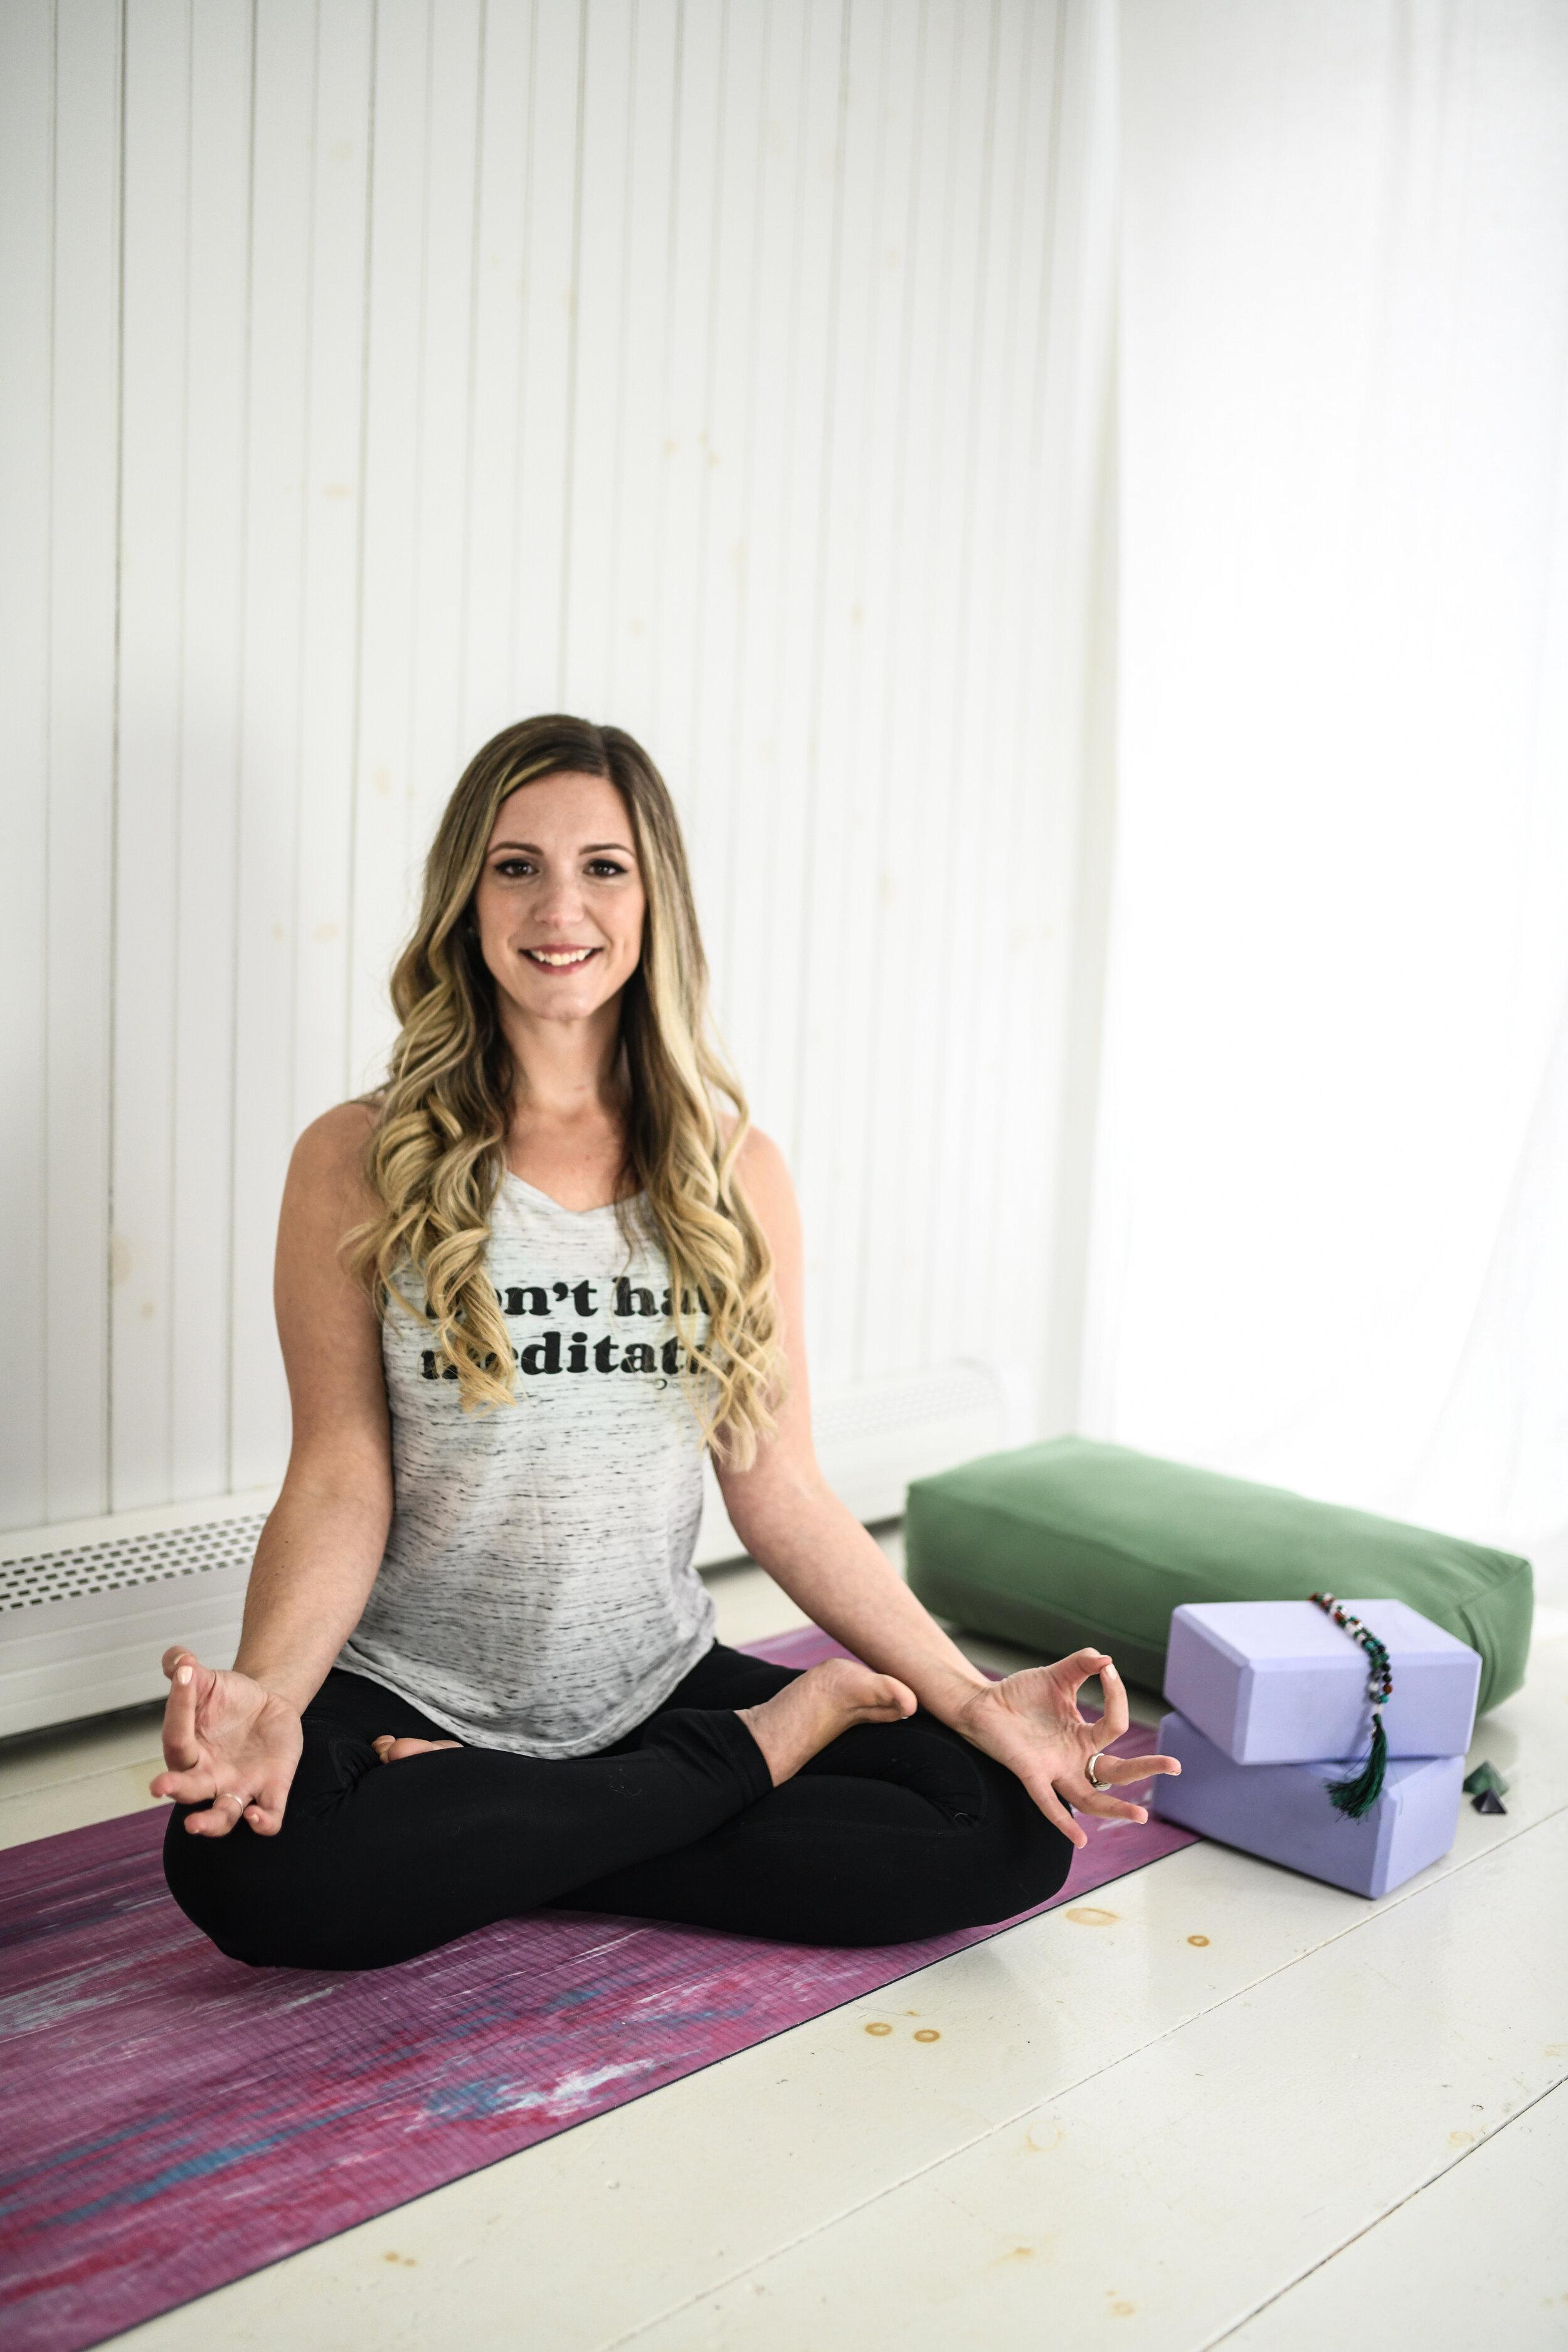 Jordan Taylor, our Reiki goddess